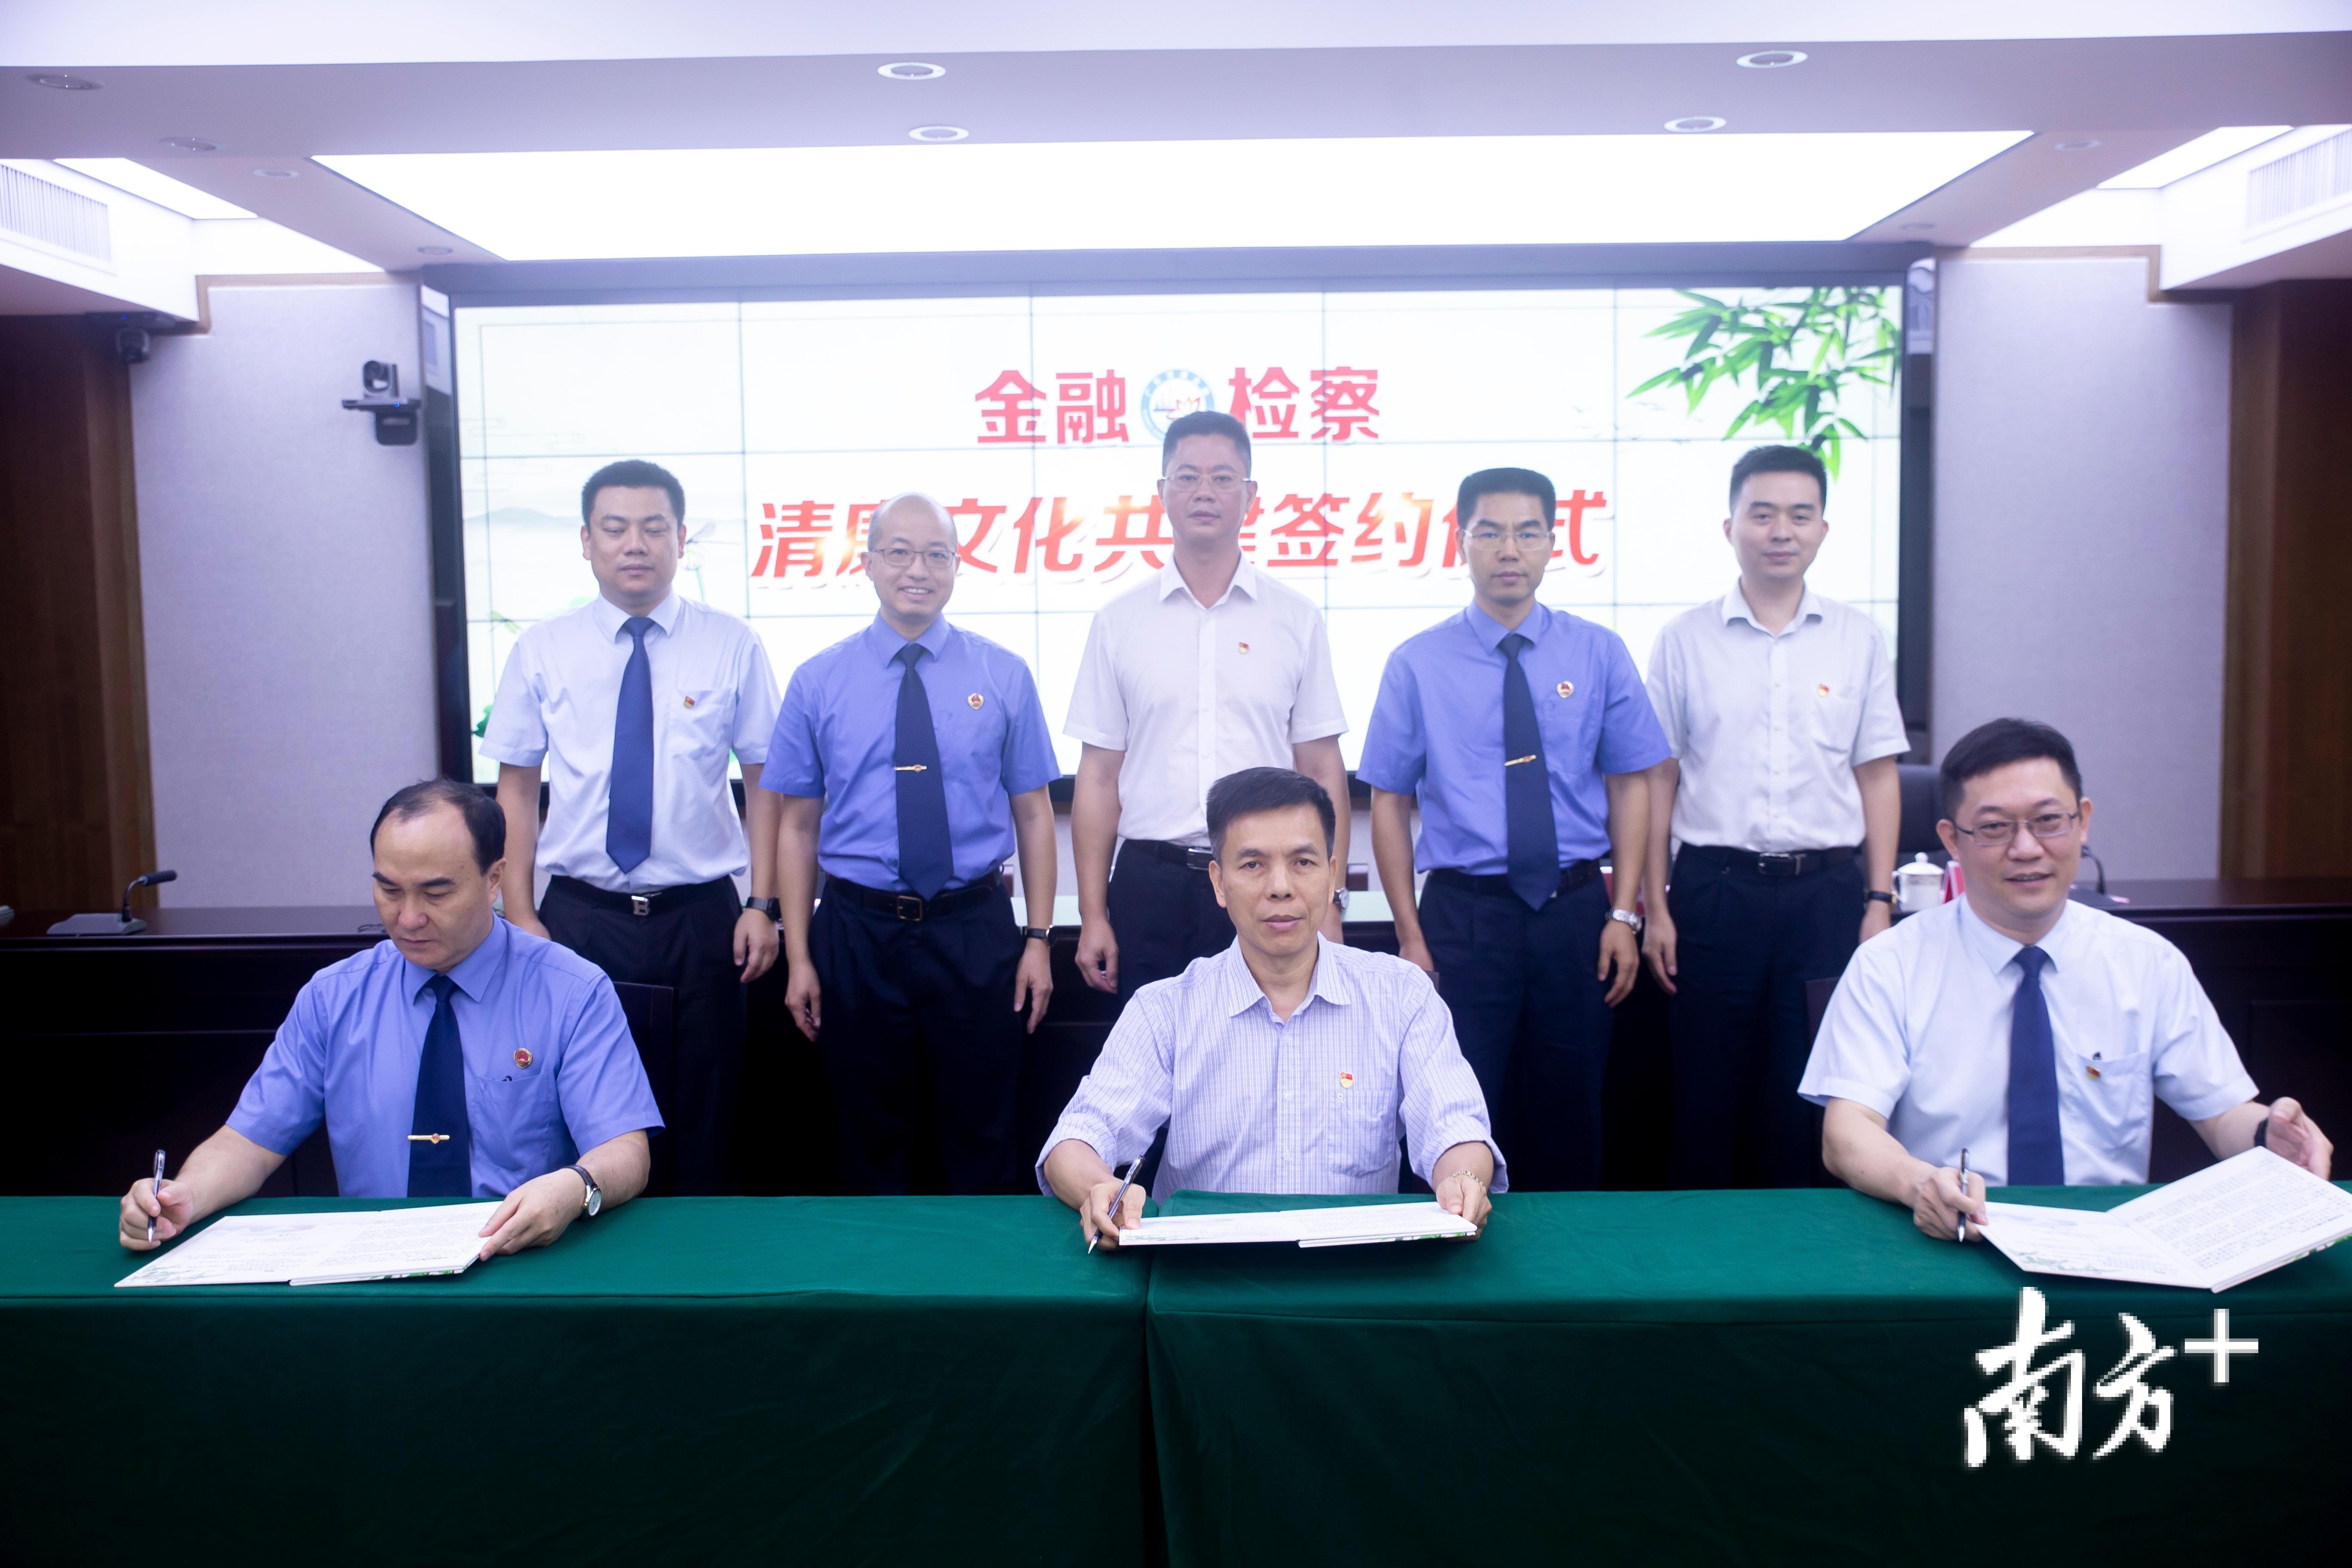 江门银保监分局、开平市人民检察院、开平农商银行共同签署了清廉文化共建协议。开平市检察院提供